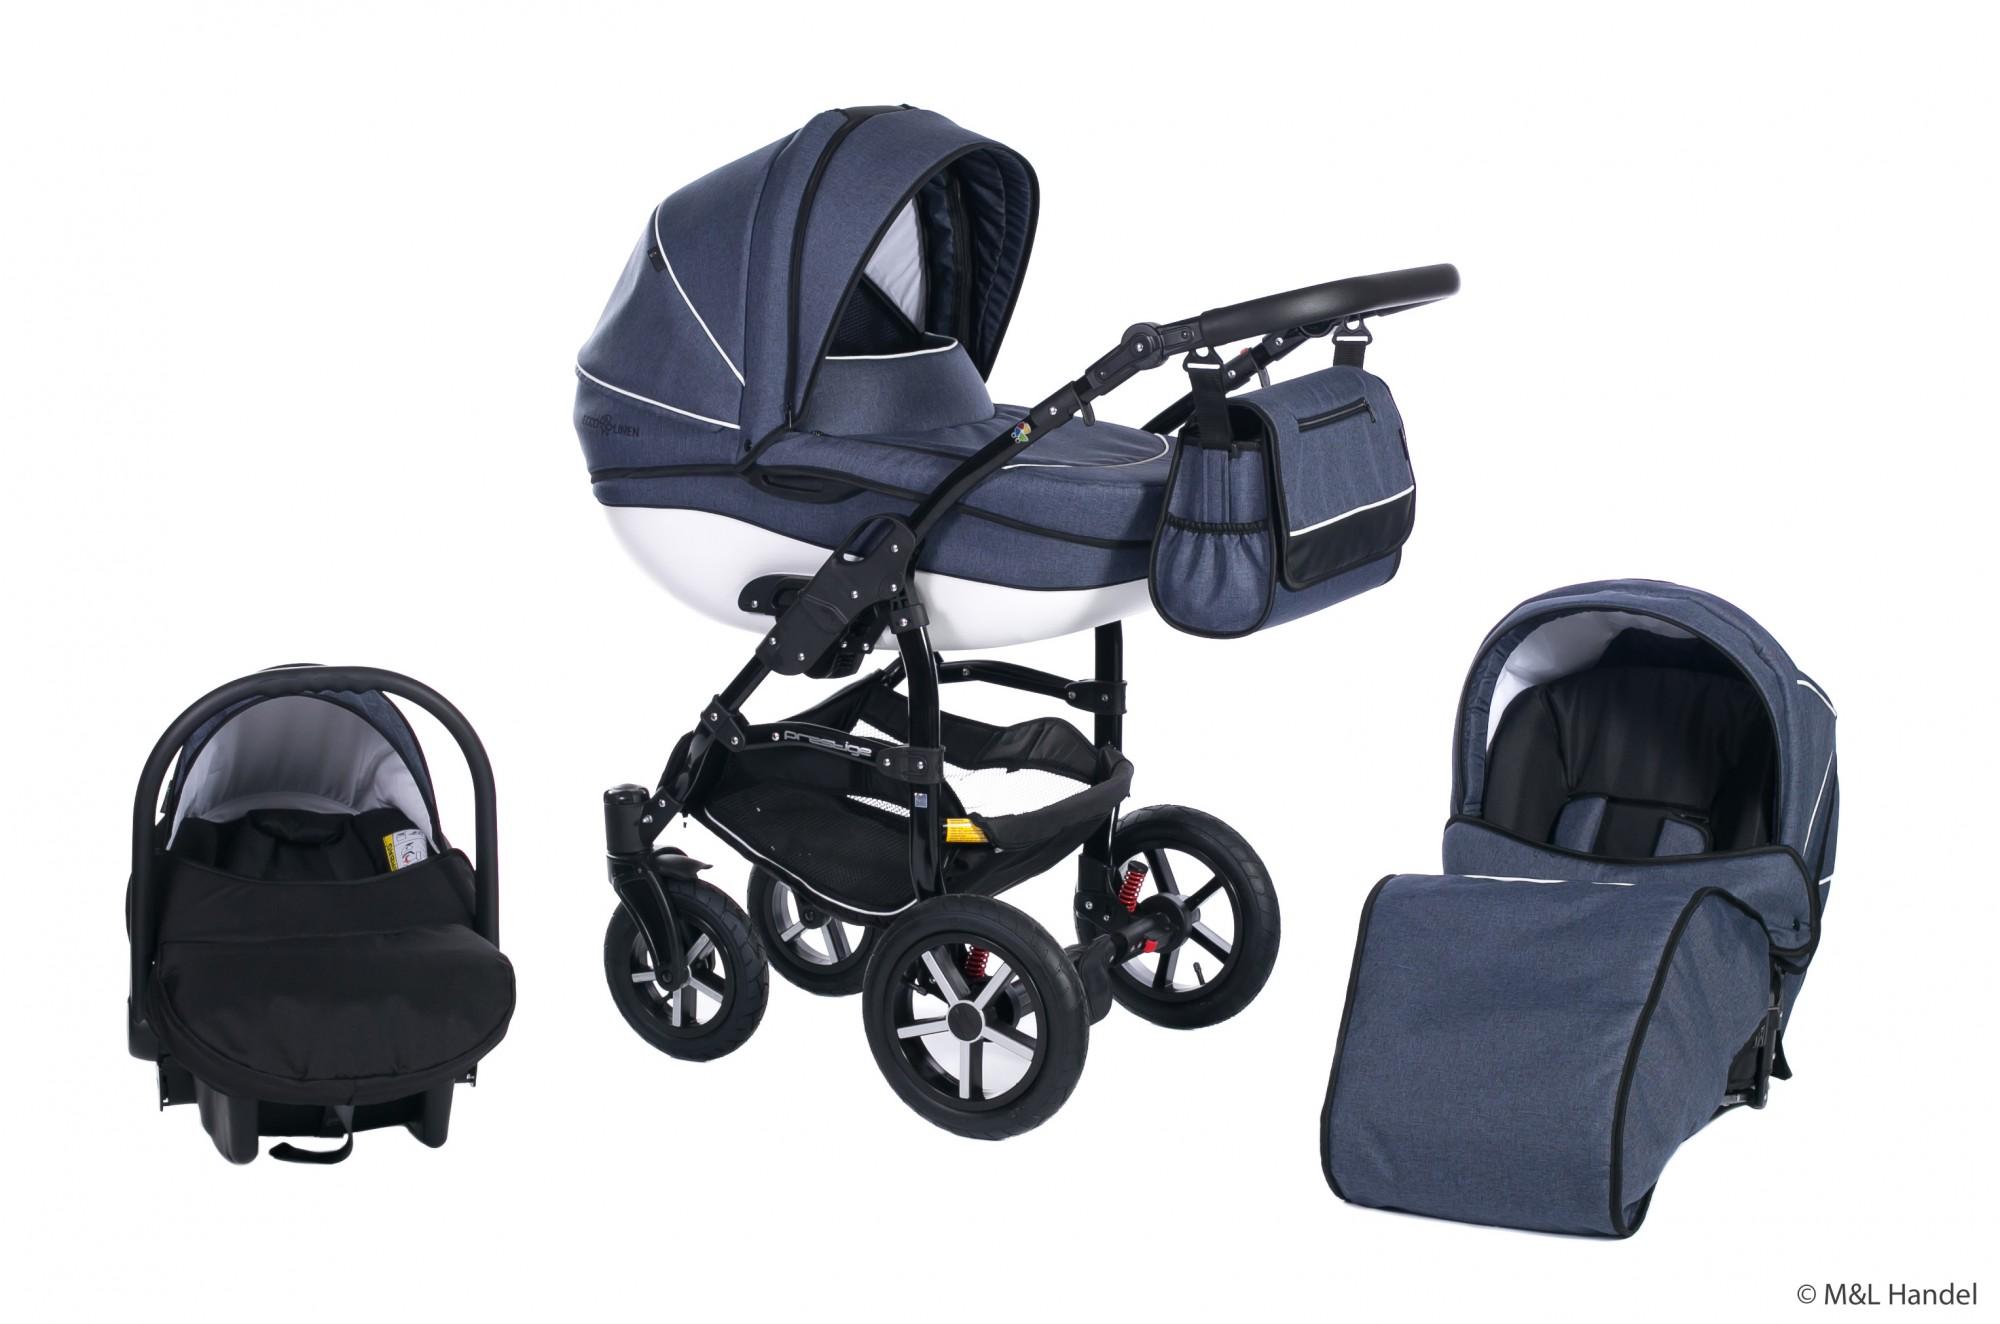 clamaro kombi kinderwagen model prestige collection ecco linen 3in1 mit babyschale. Black Bedroom Furniture Sets. Home Design Ideas